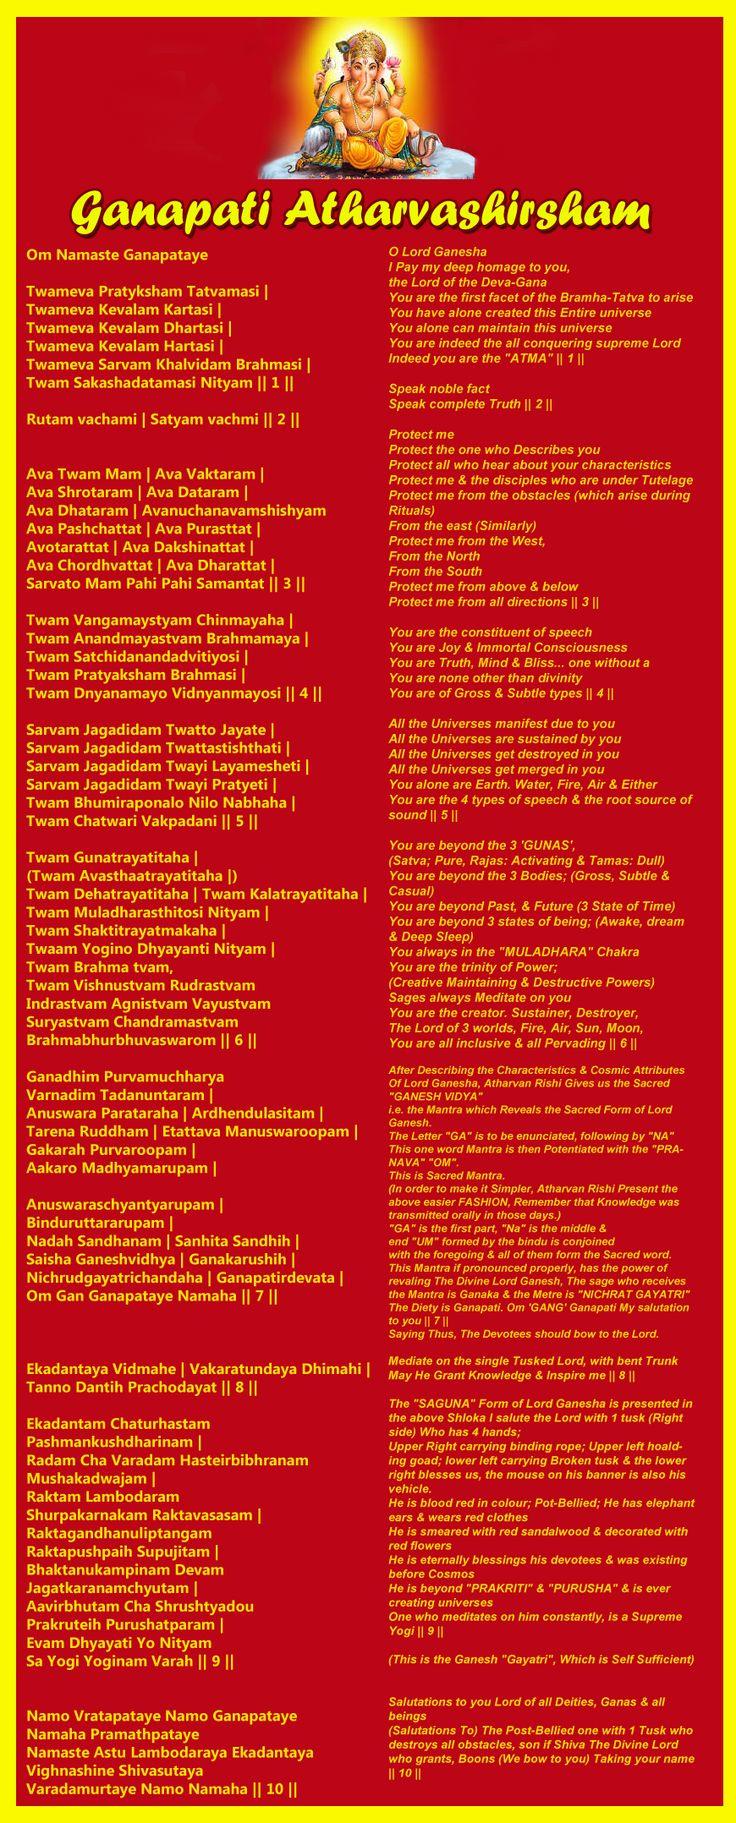 shri ganesh puran in hindi pdf